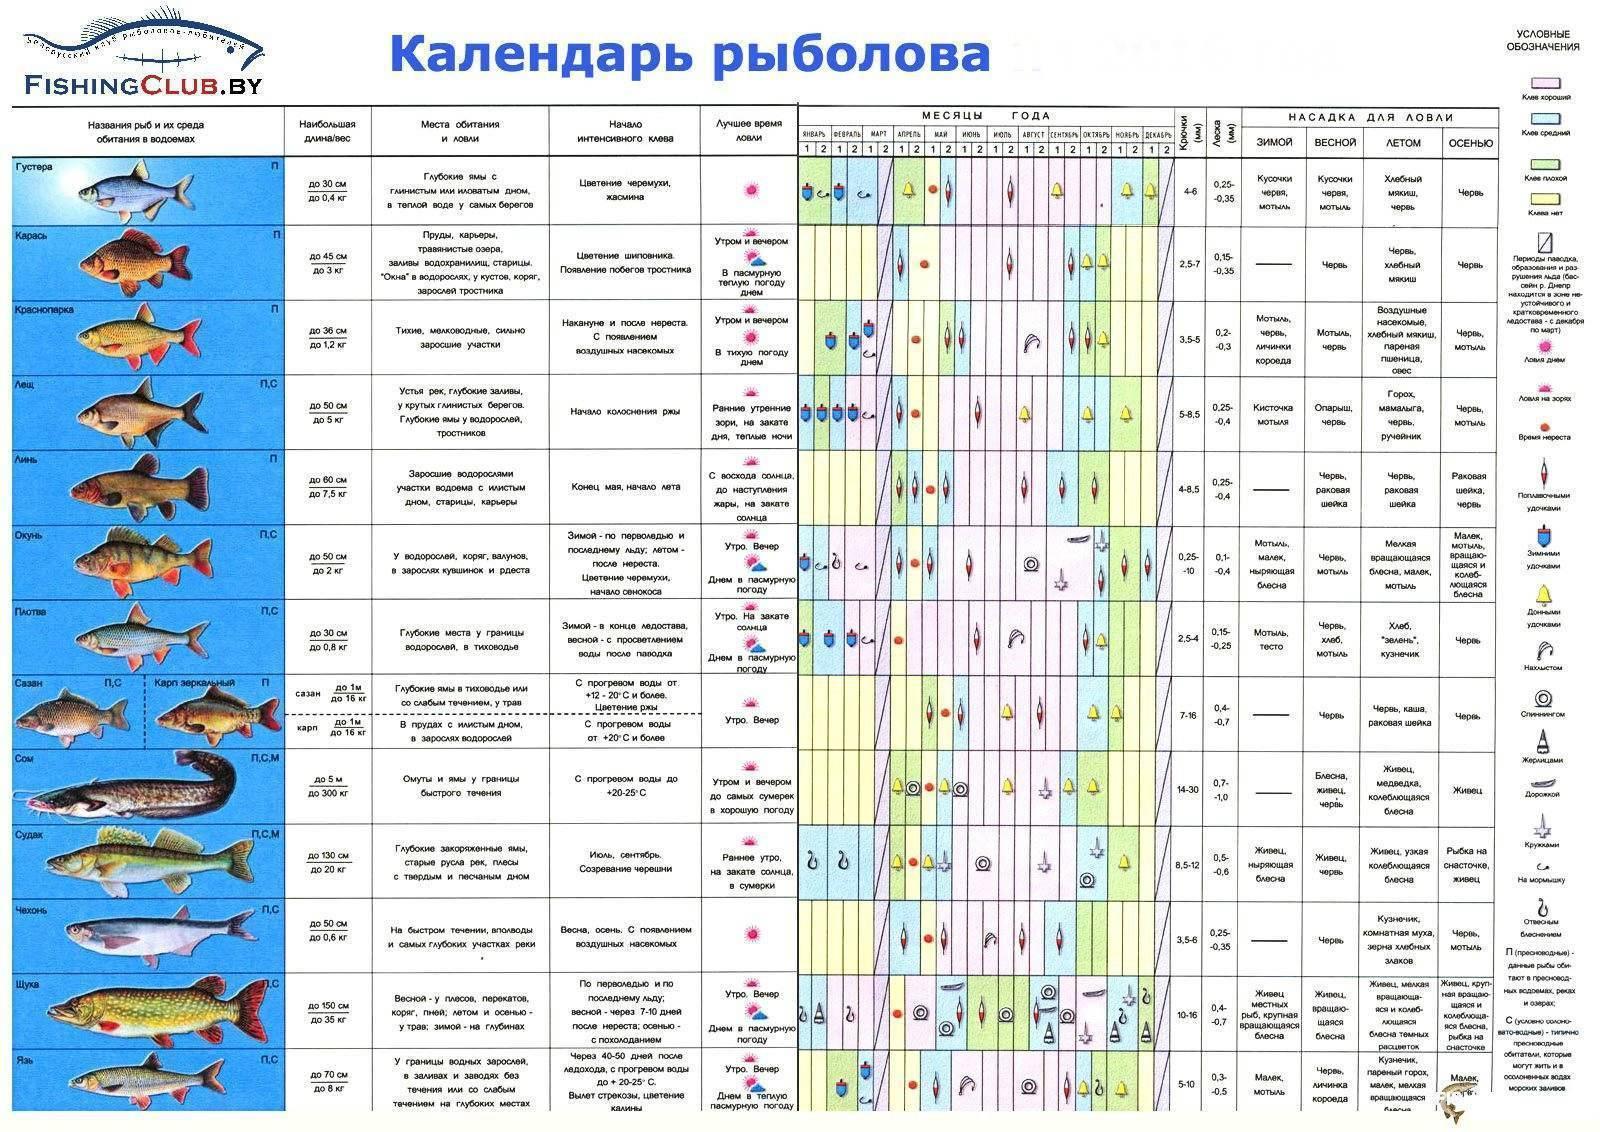 Весенняя рыбалка на нижней волге и ахтубе: в марте, апреле и мае